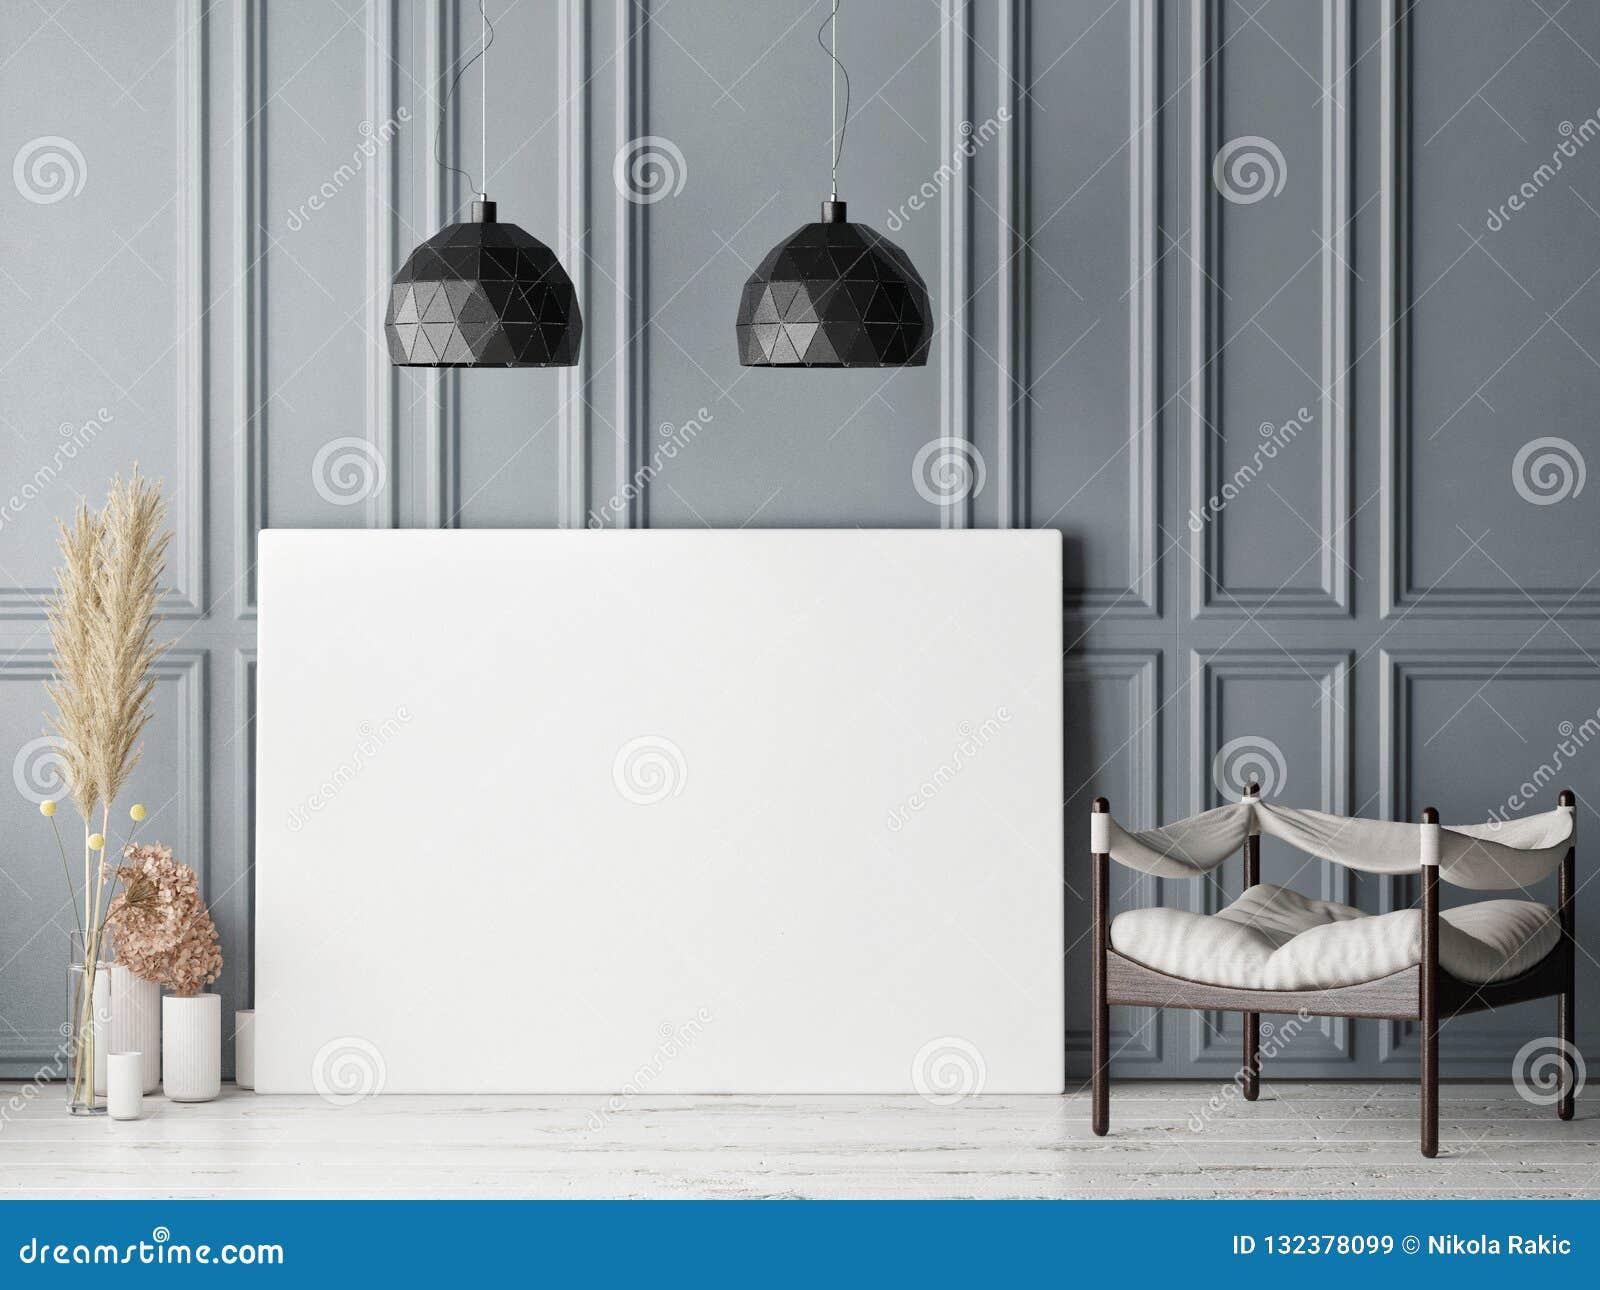 假装海报在斯堪的纳维亚行家客厅背景中